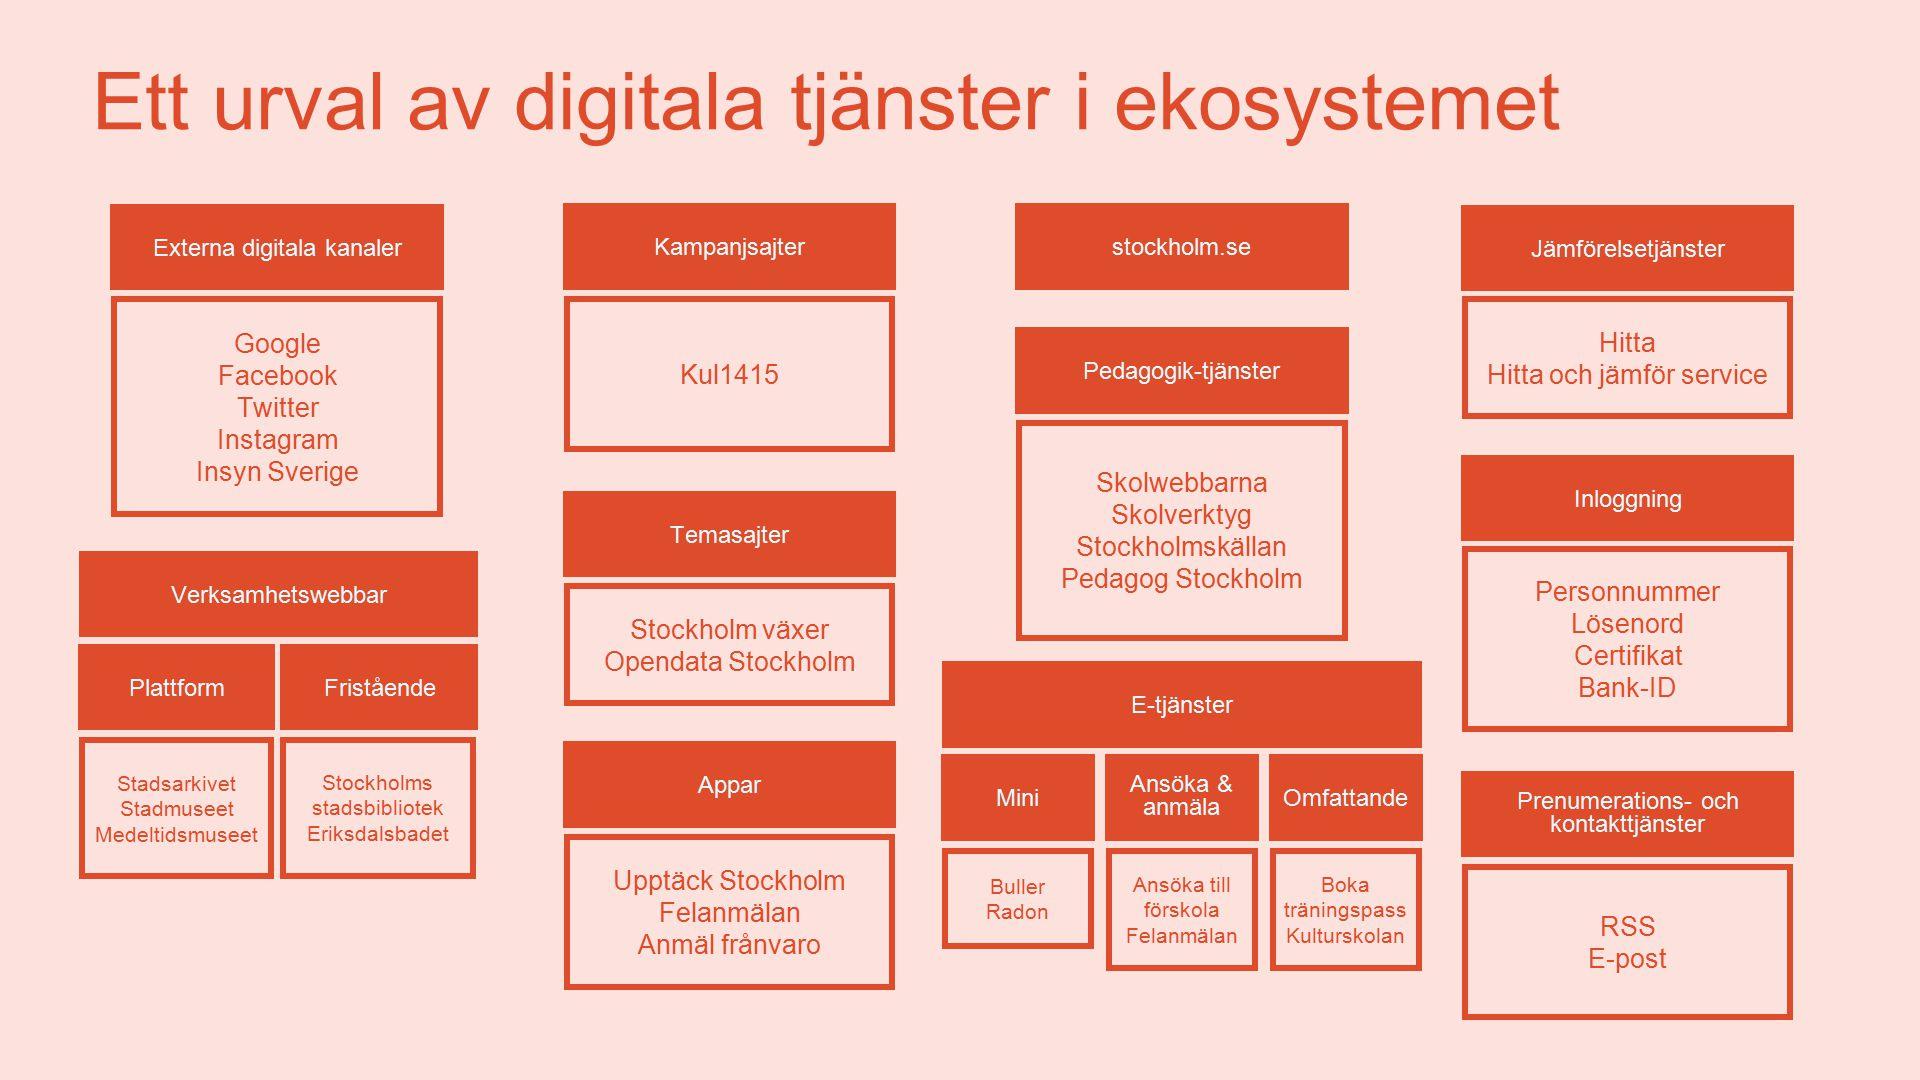 Ett urval av digitala tjänster i ekosystemet